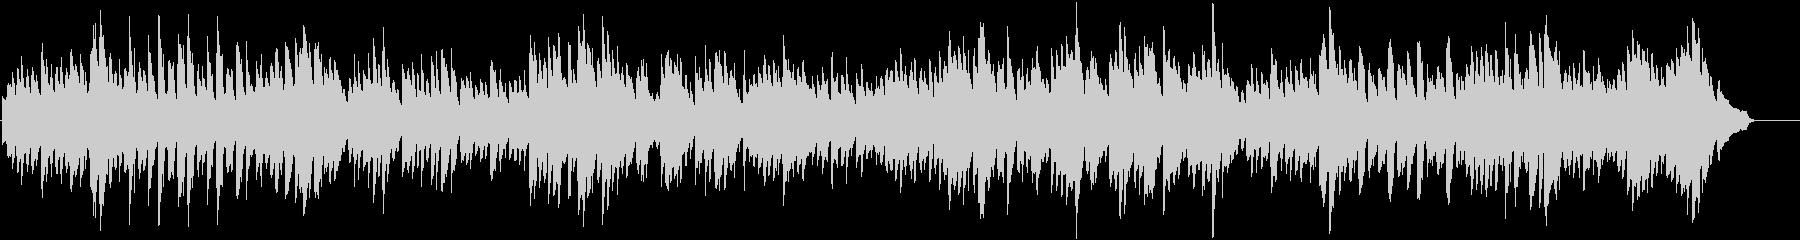 バッハ_インヴェンション第3番_ピアノの未再生の波形